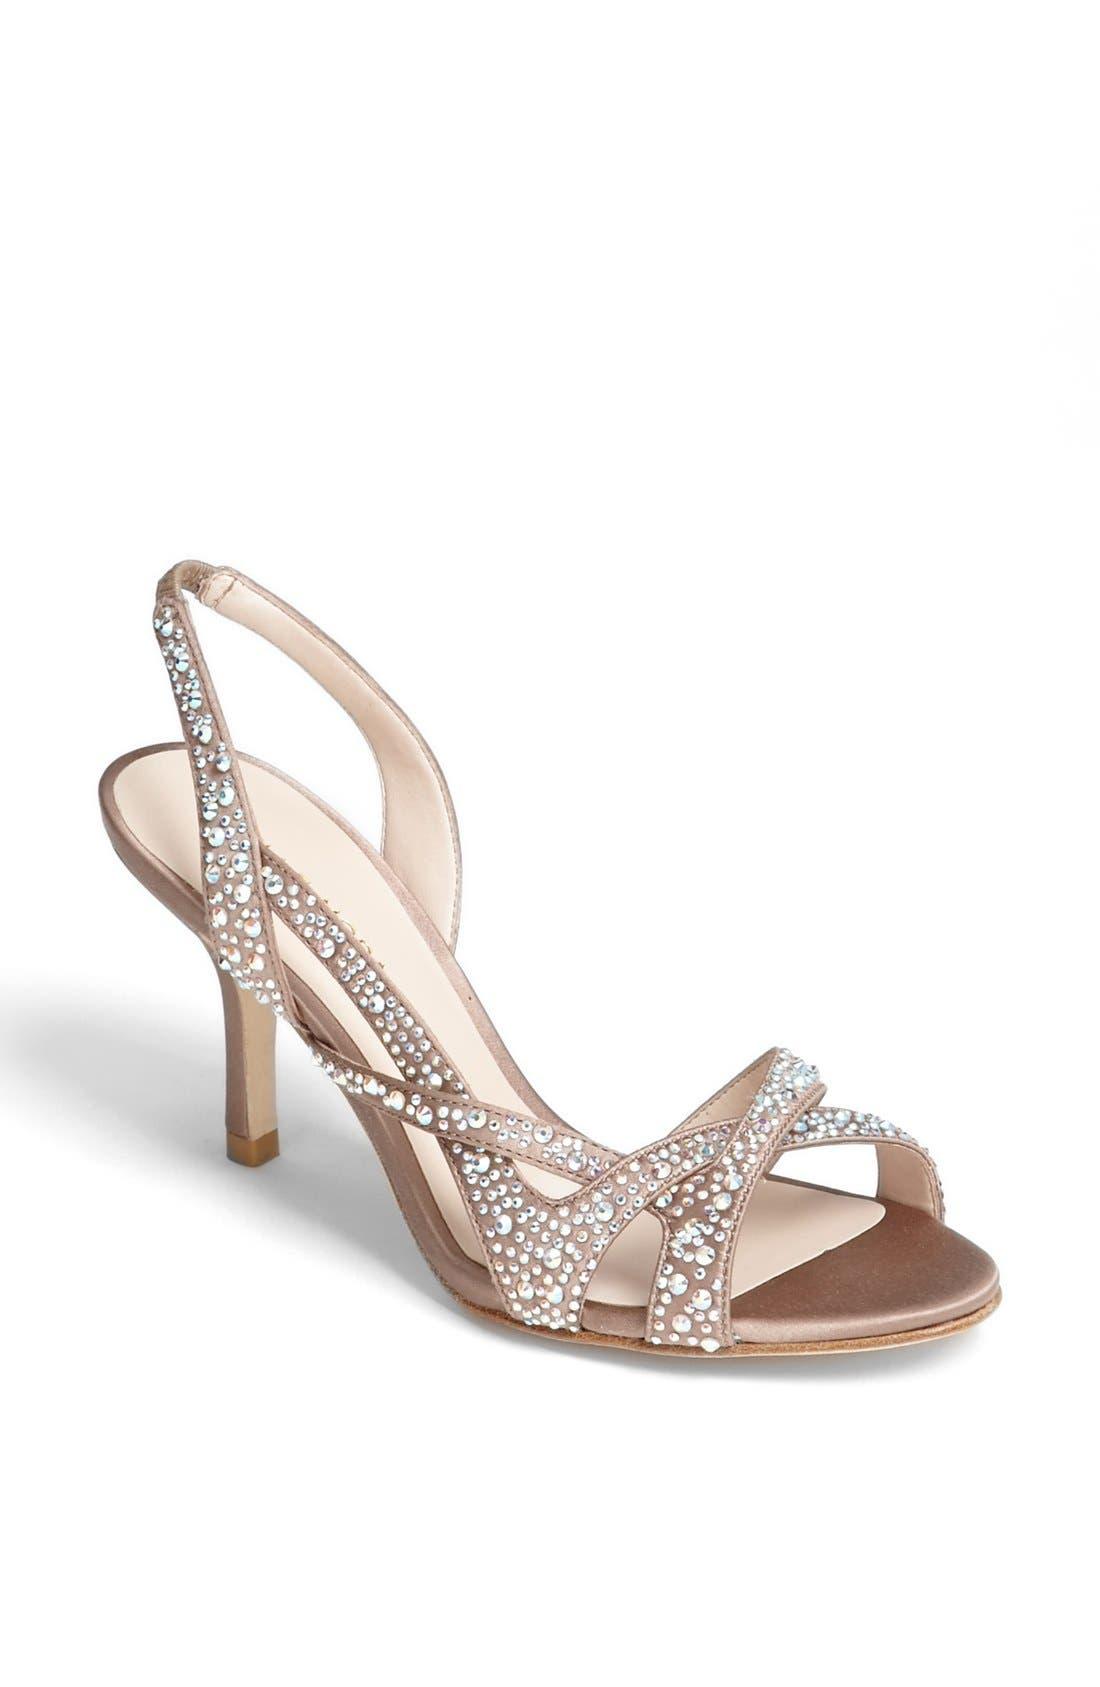 Main Image - Pelle Moda 'Gretel' Sandal